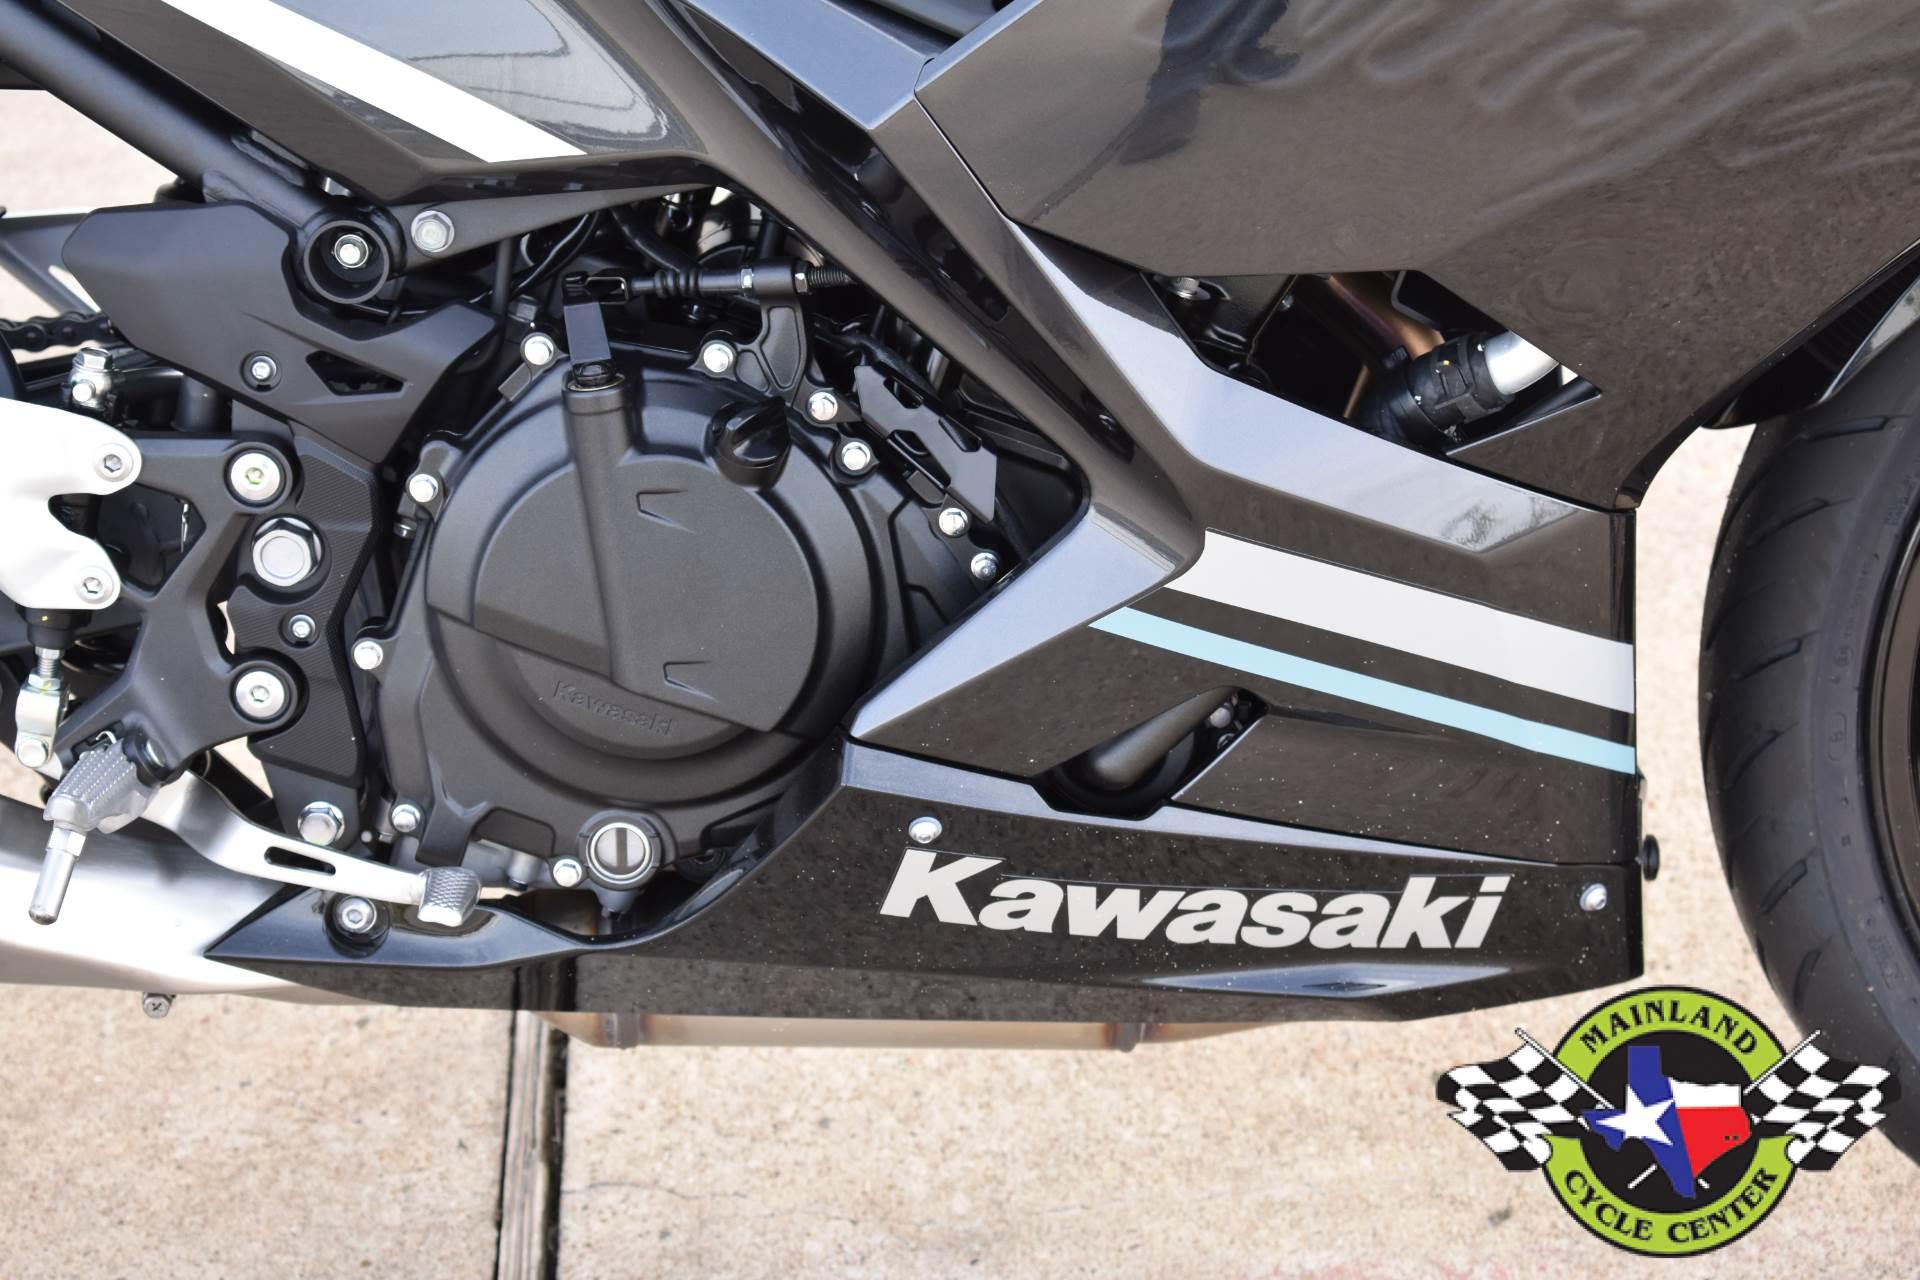 2020 Kawasaki Ninja 400 ABS 11